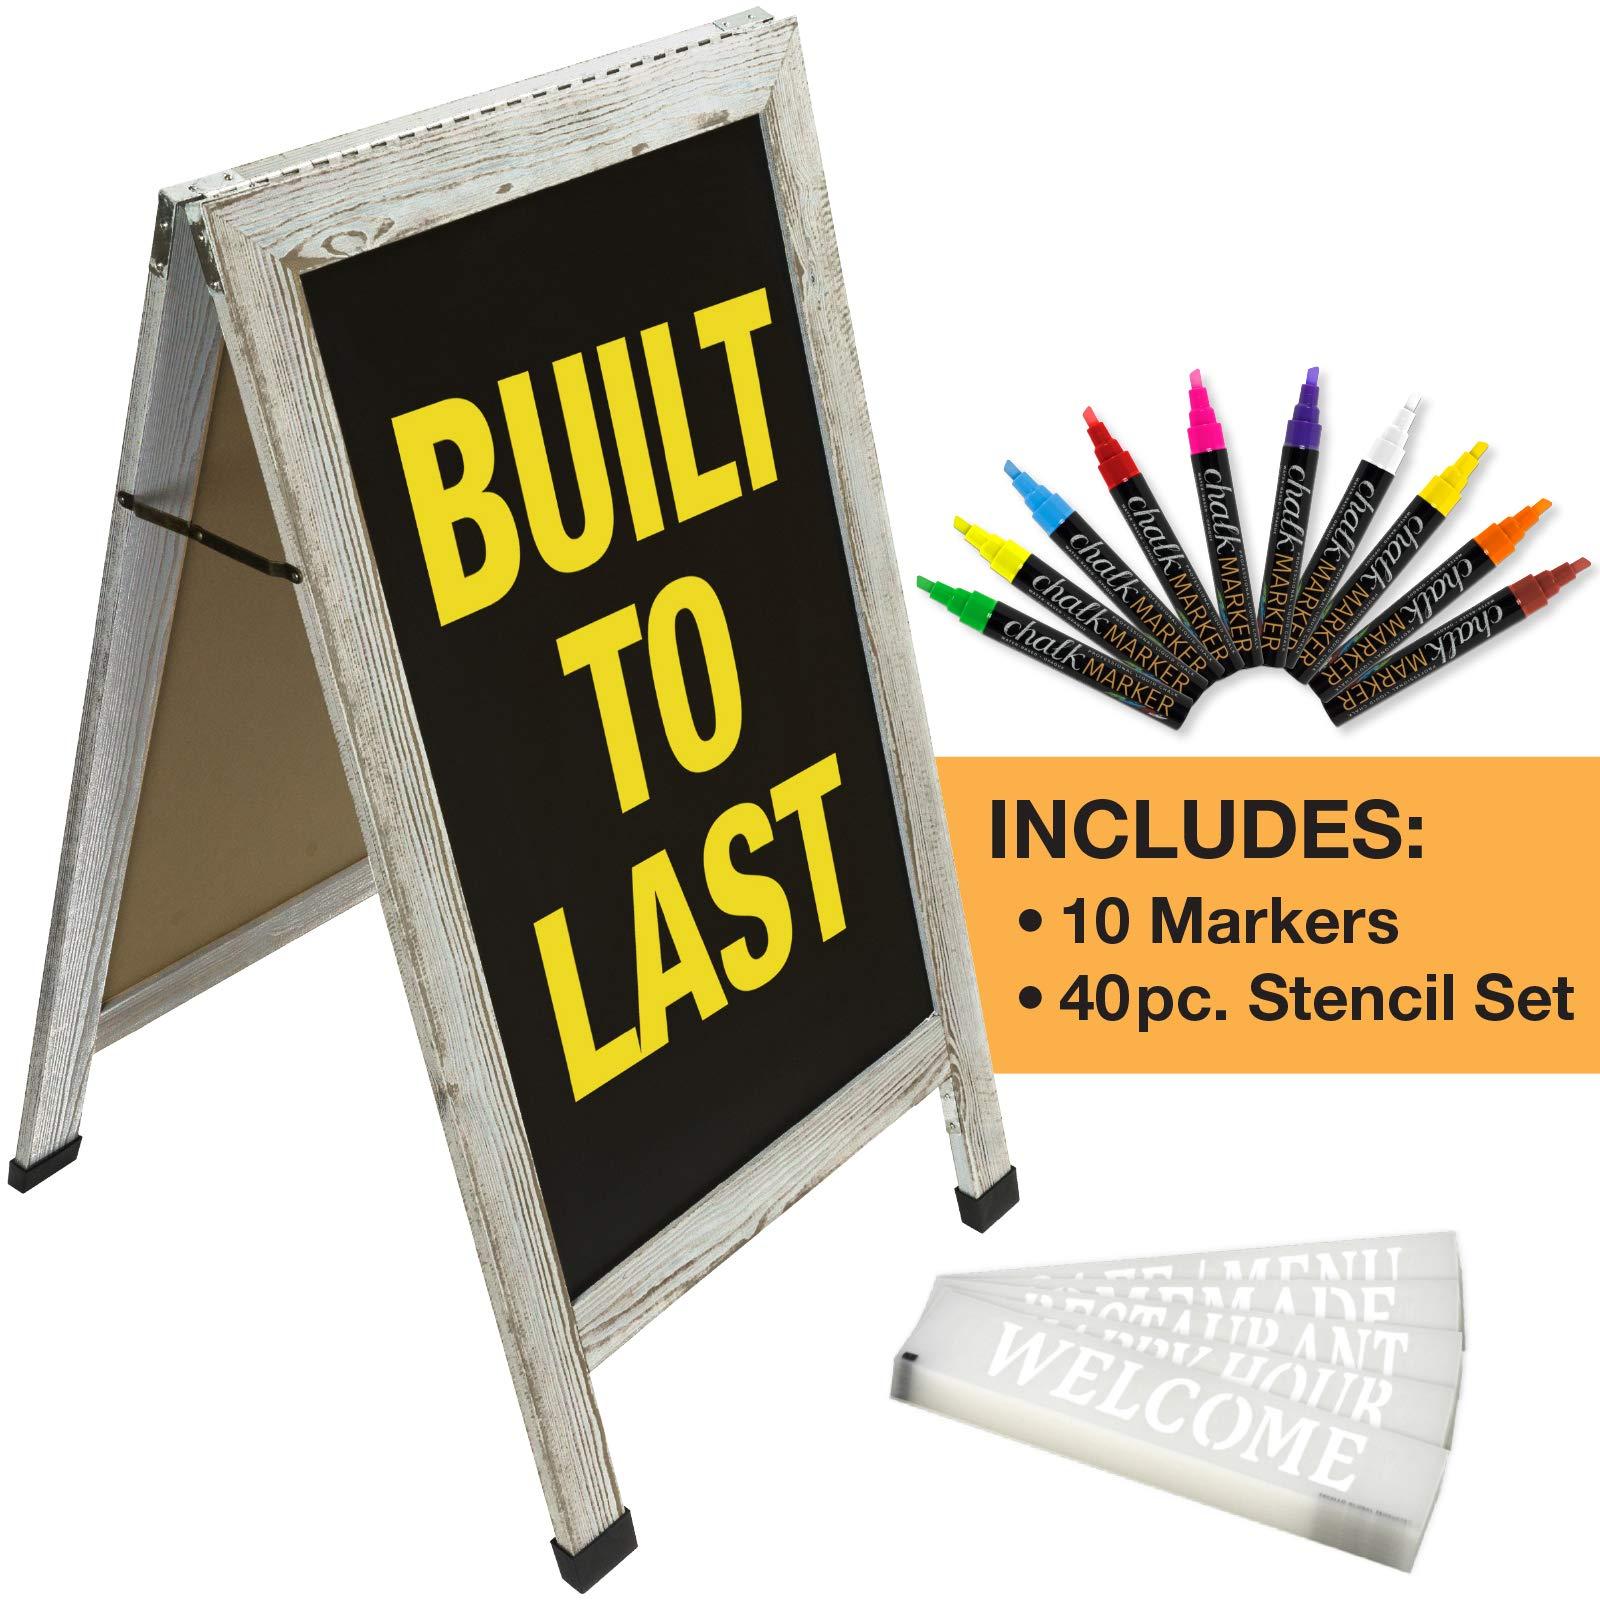 Sandwich Board Sidewalk Chalkboard Sign: Reinforced, Heavy-Duty / 10 Chalk Markers / 40 Piece Stencil Set/Chalk / Eraser/Double Sided/Large 40x22 Chalk Board Standing Sign A-Frame (6 - White)